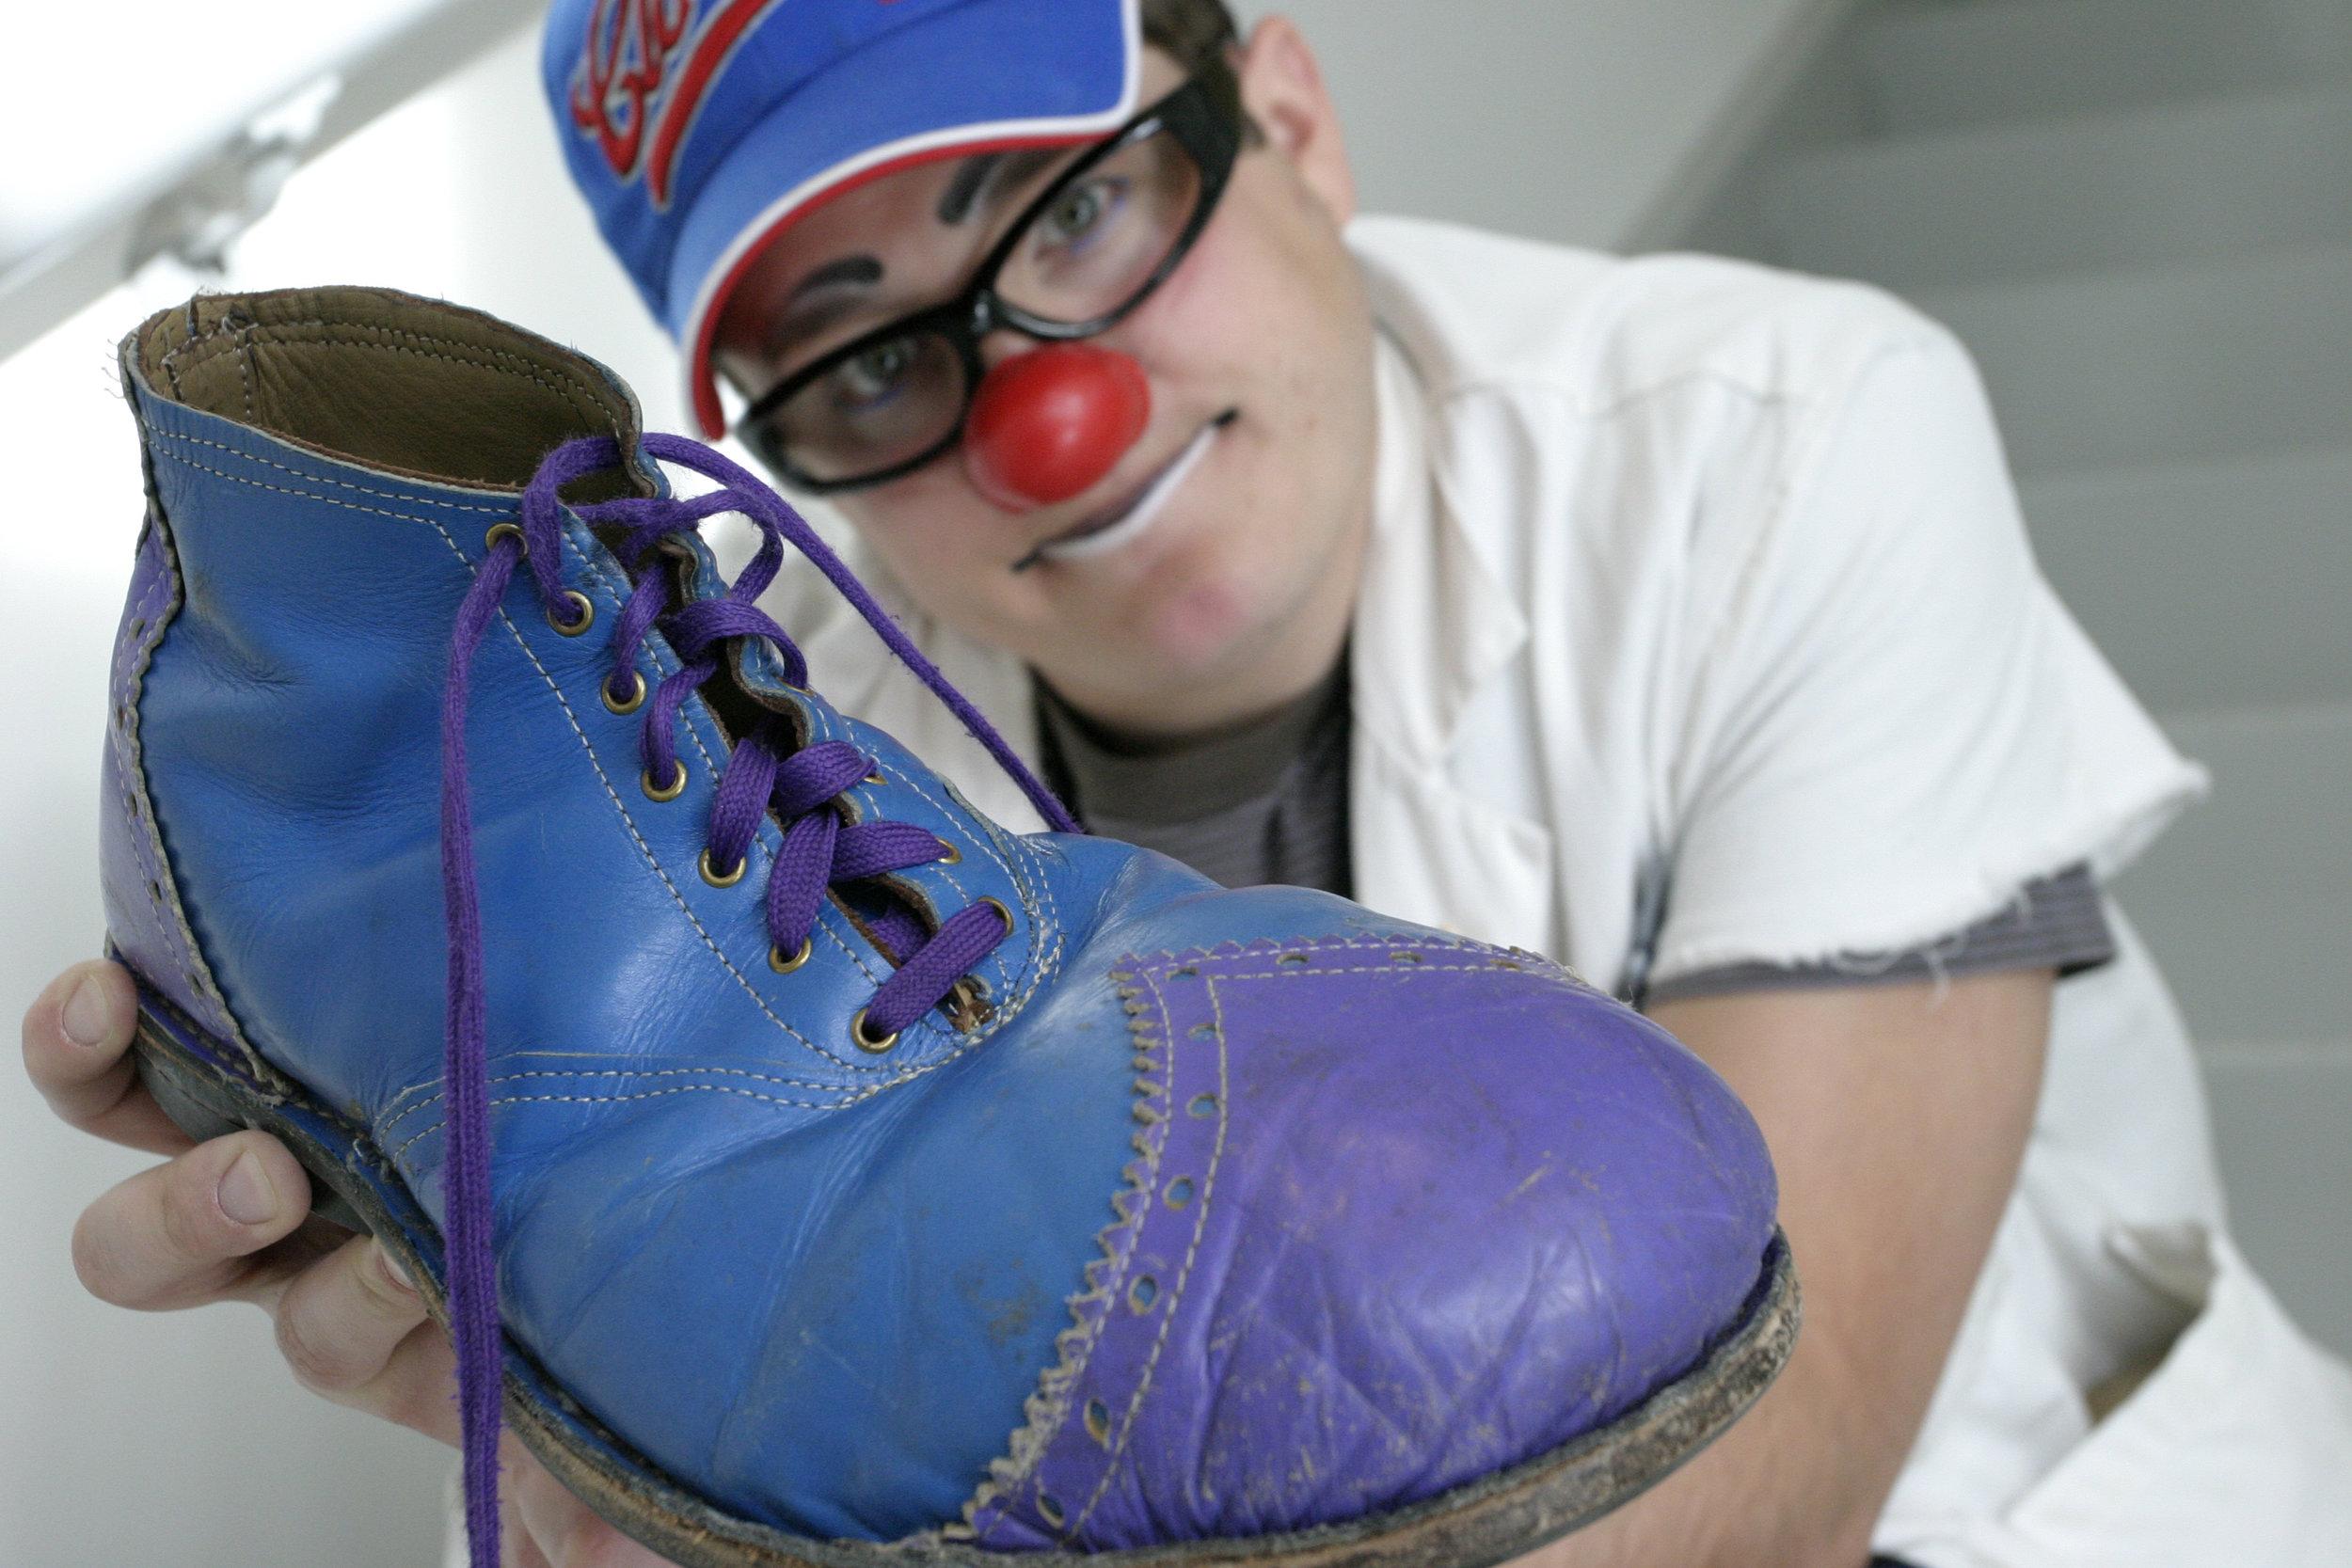 Clown Shoes   Daytona Beach News Journal